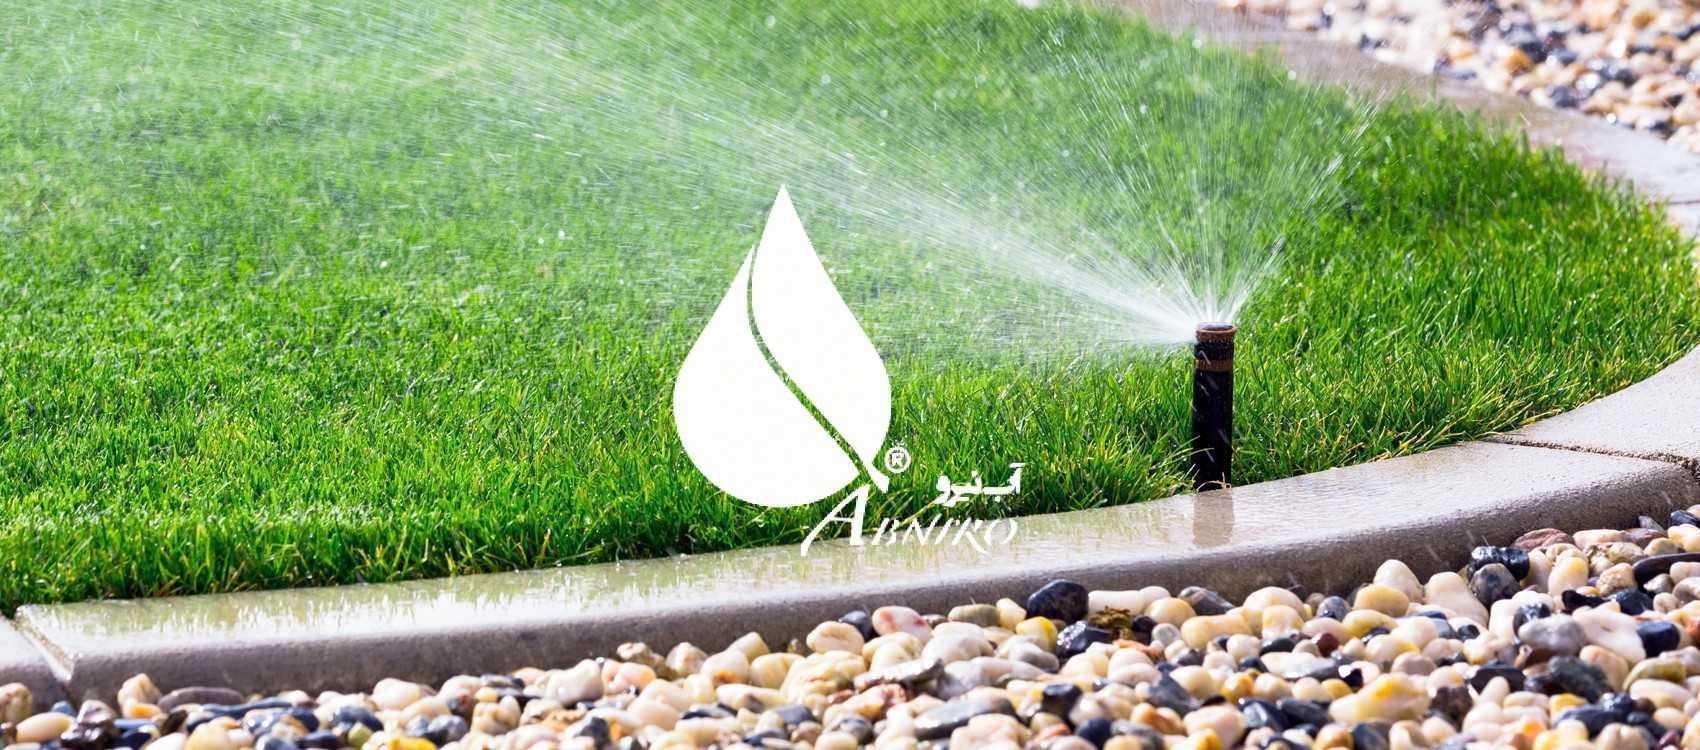 Sprinkler-irrigation-system